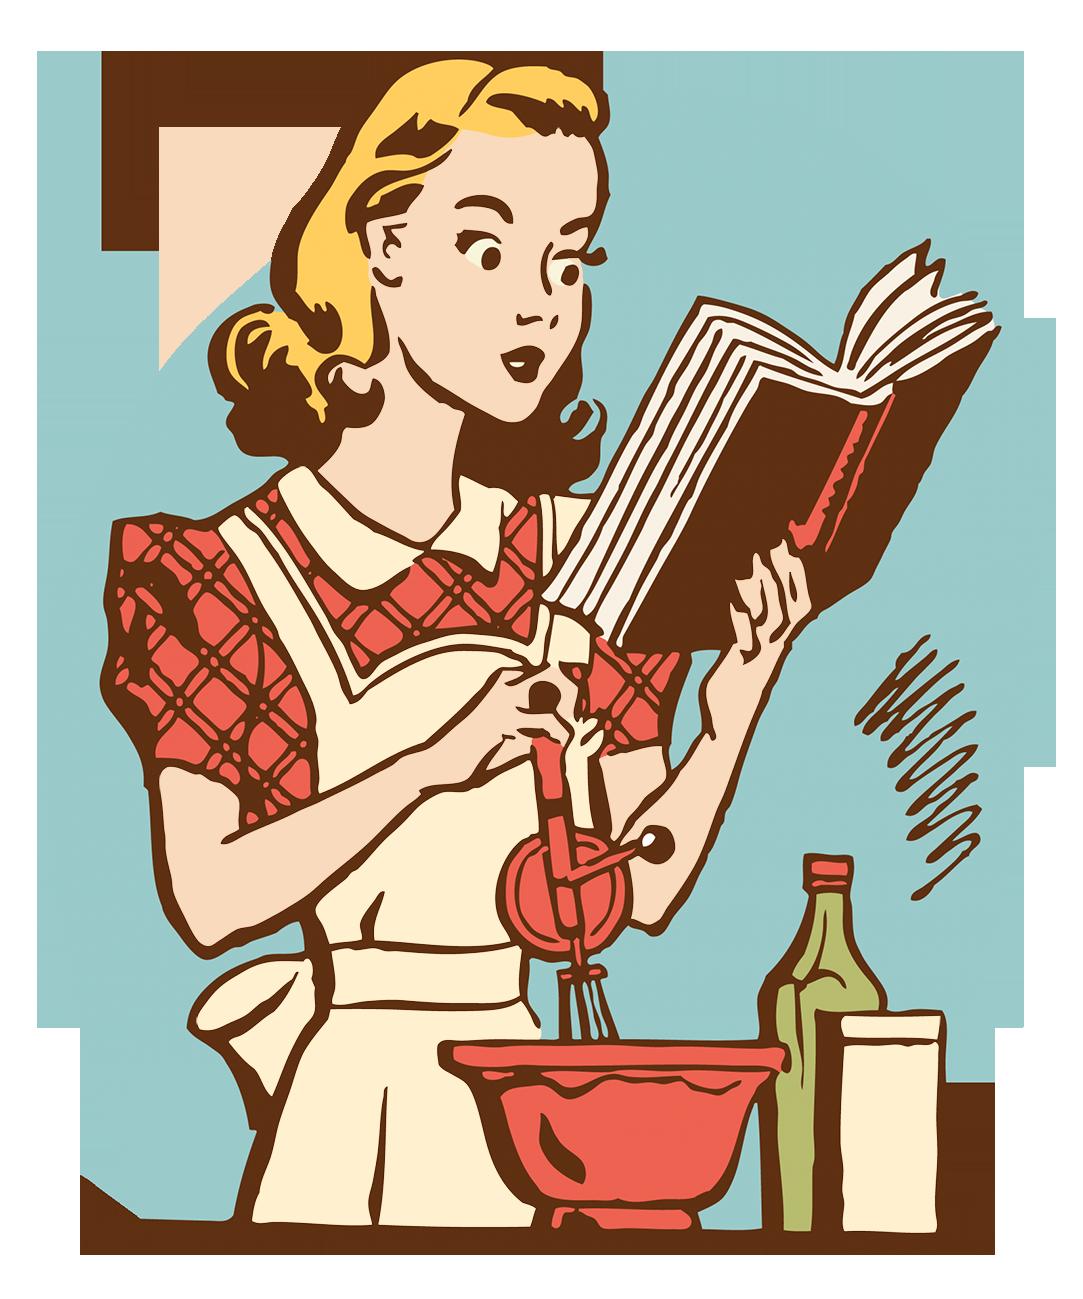 retro woman reading a cook book